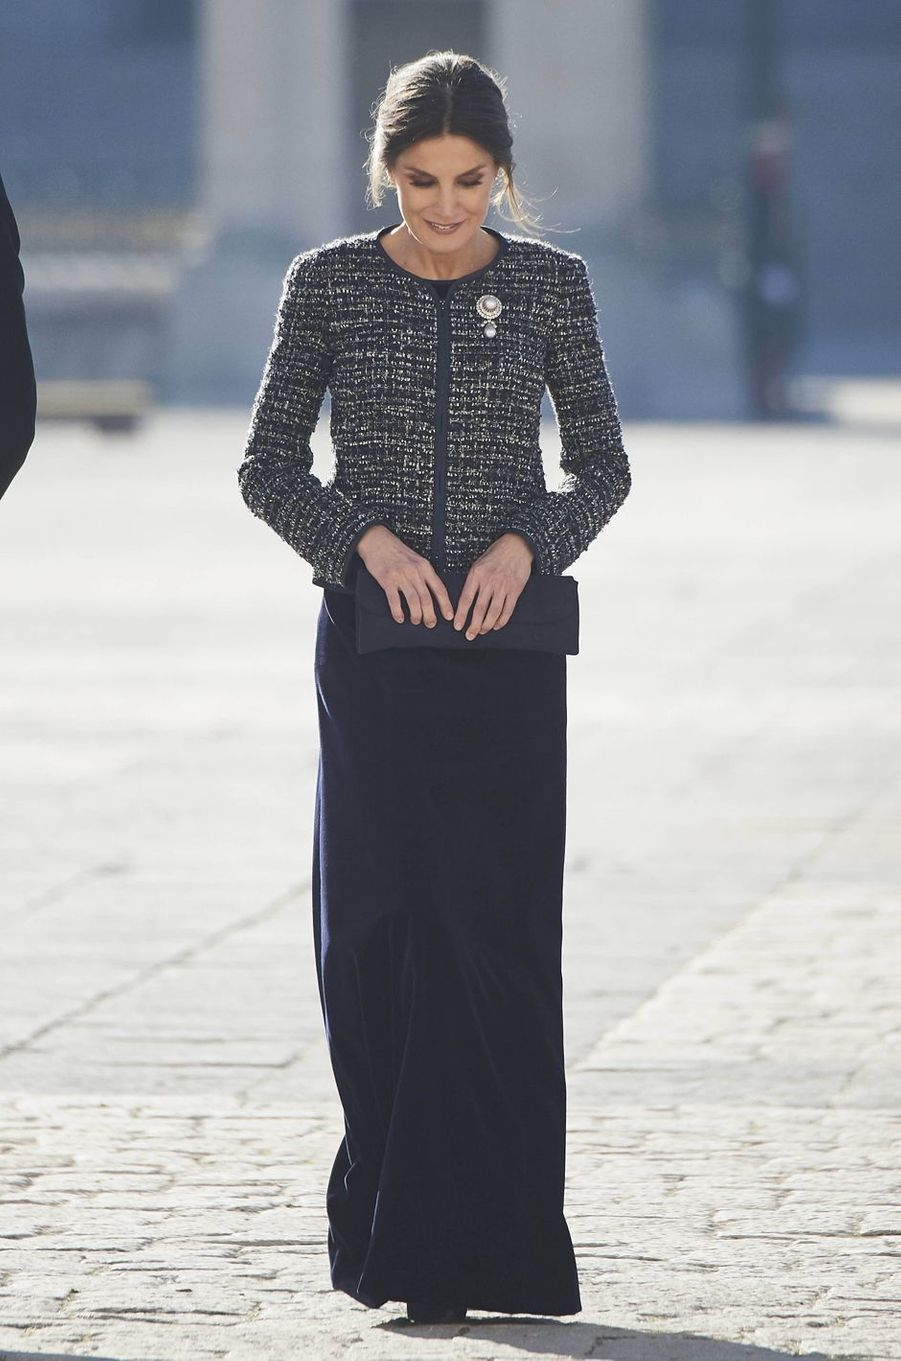 La reine Letizia d'Espagne dans une veste Armani à la Pascua Militar, le 6 janvier 2019